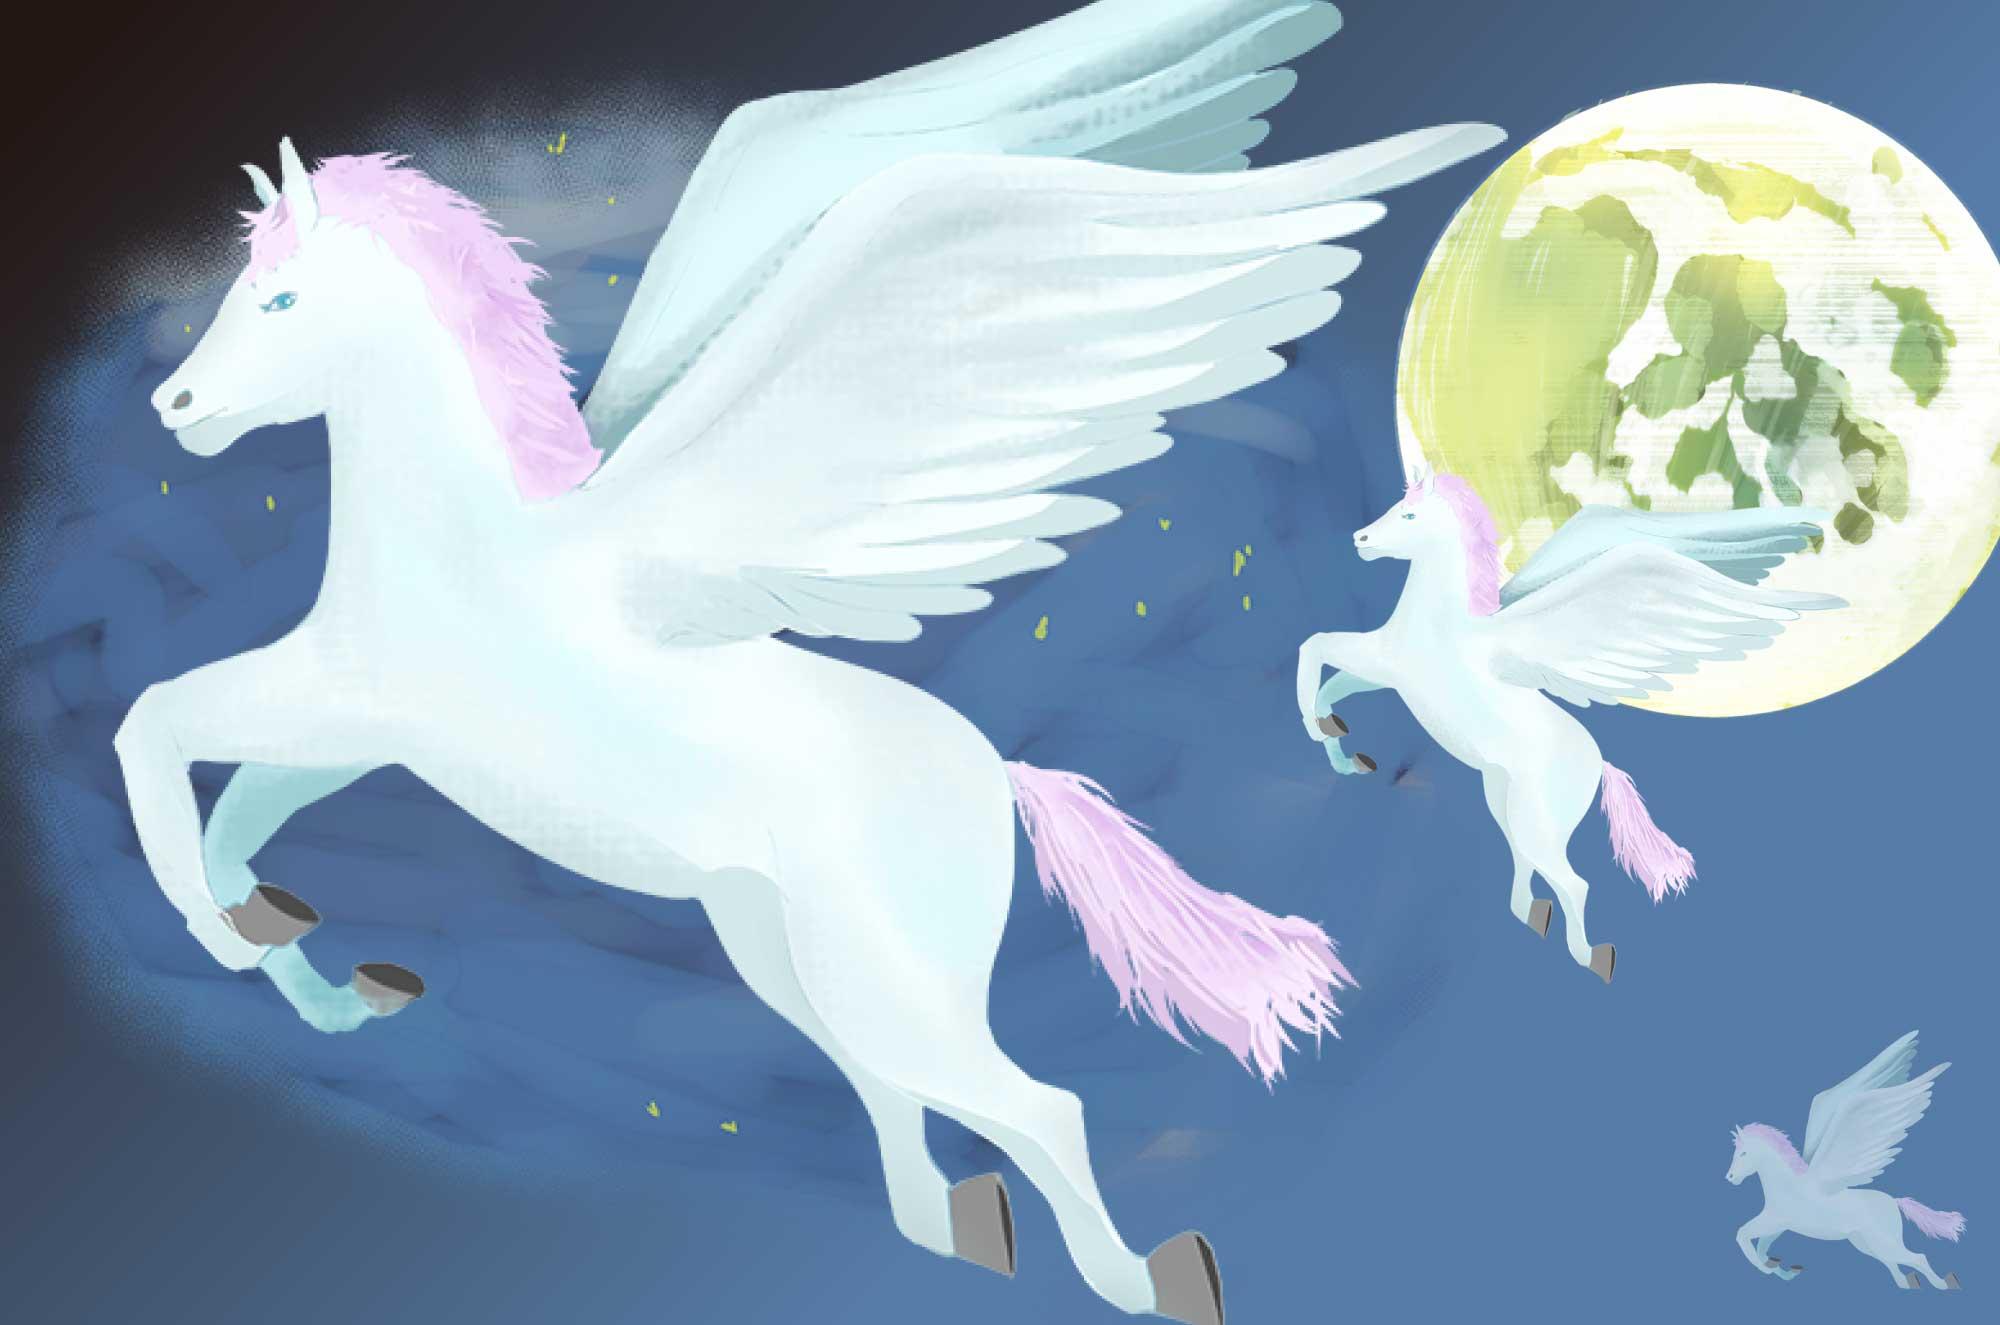 ペガサスのイラスト 翼の生えた飛ぶ馬想像の生物 チコデザ